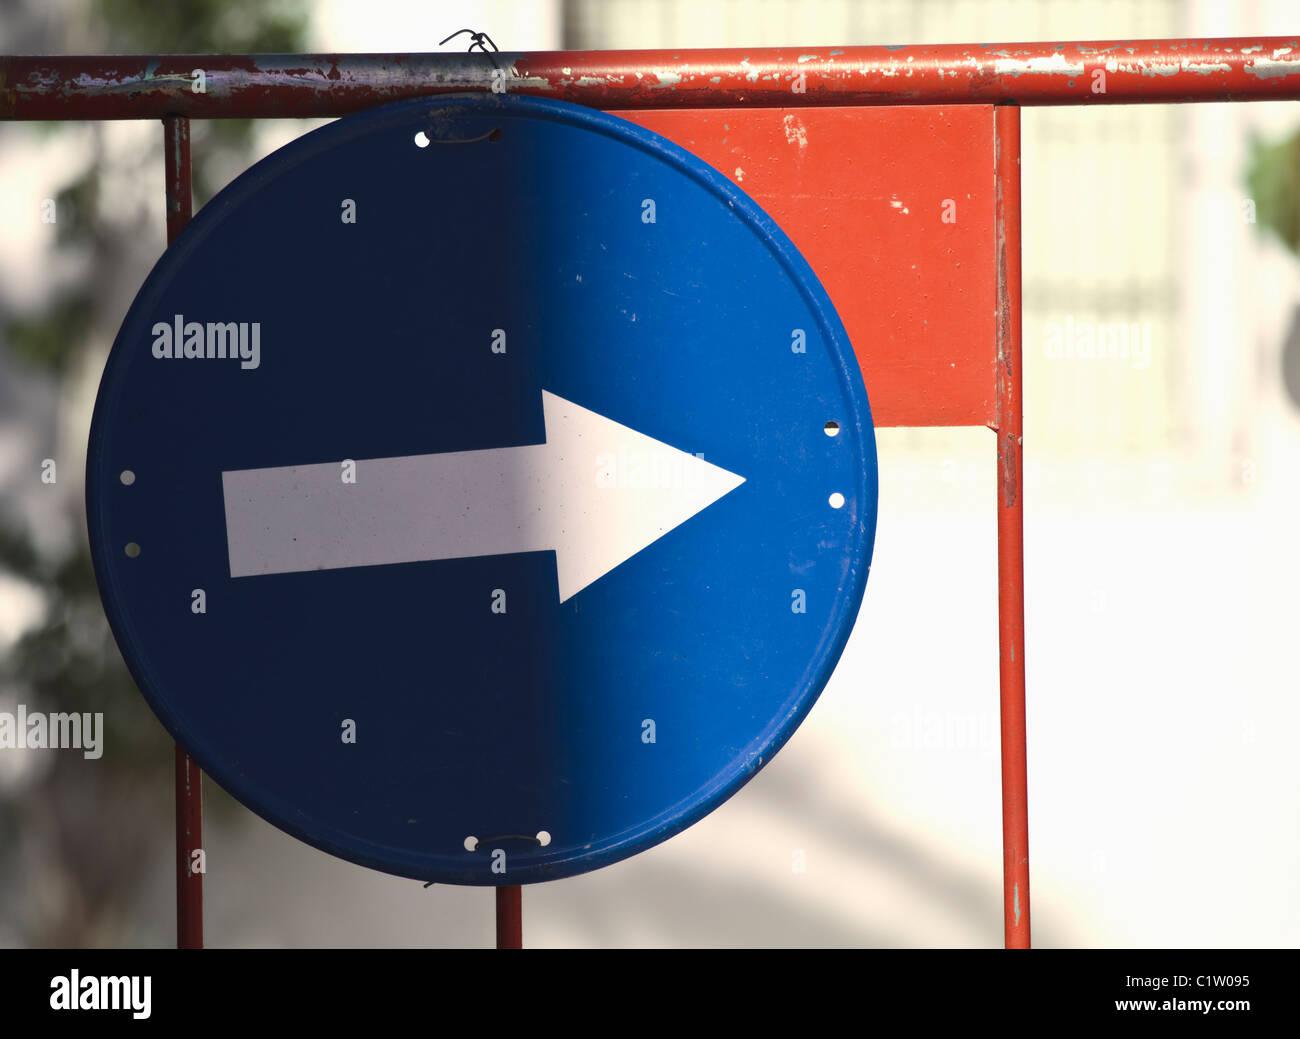 Flèche blanche sur fond bleu de diriger la circulation à droite Photo Stock